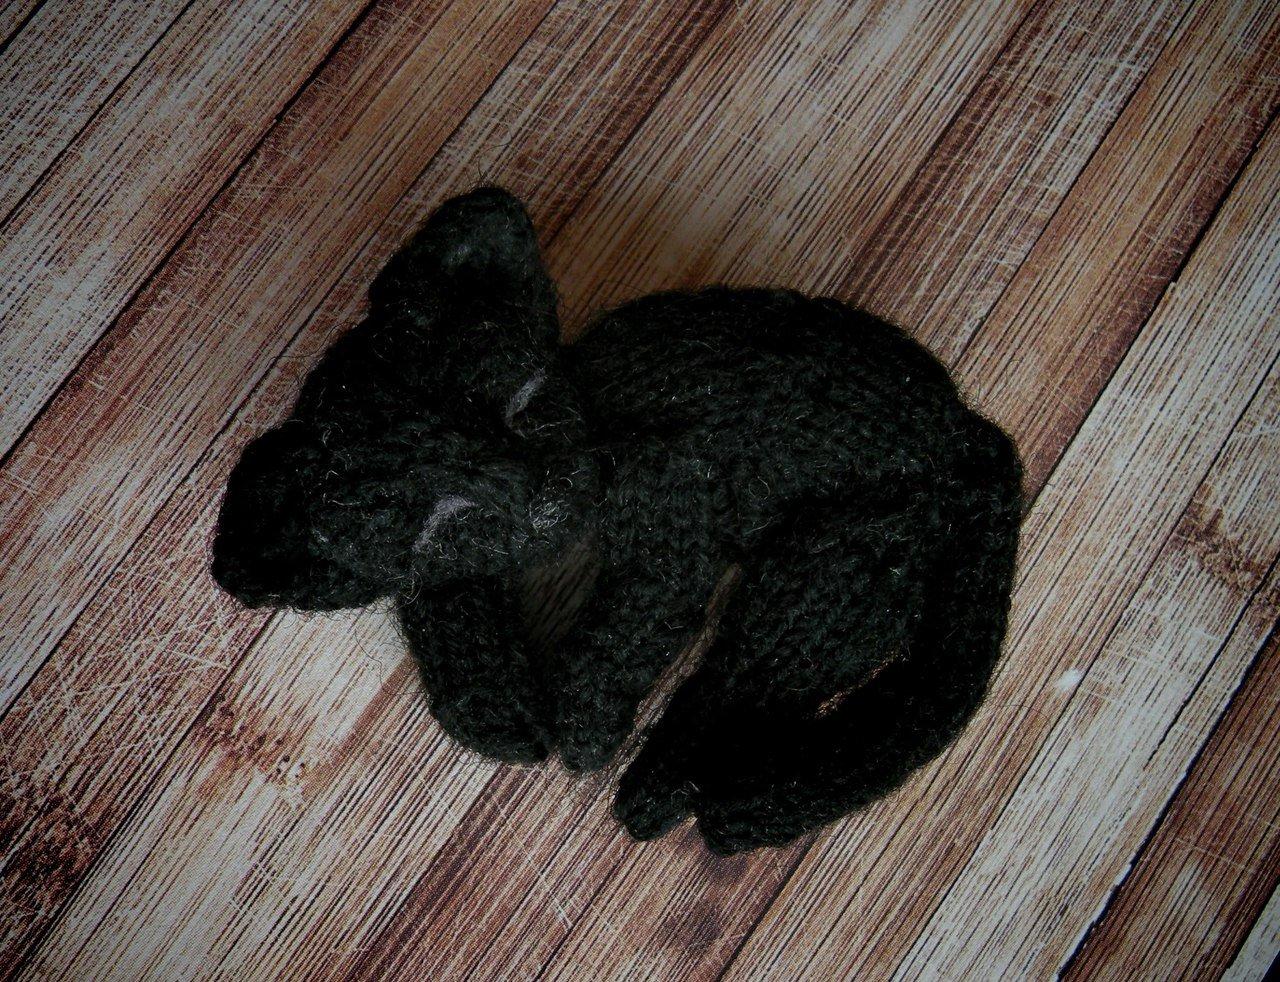 Image of Black cat brooch